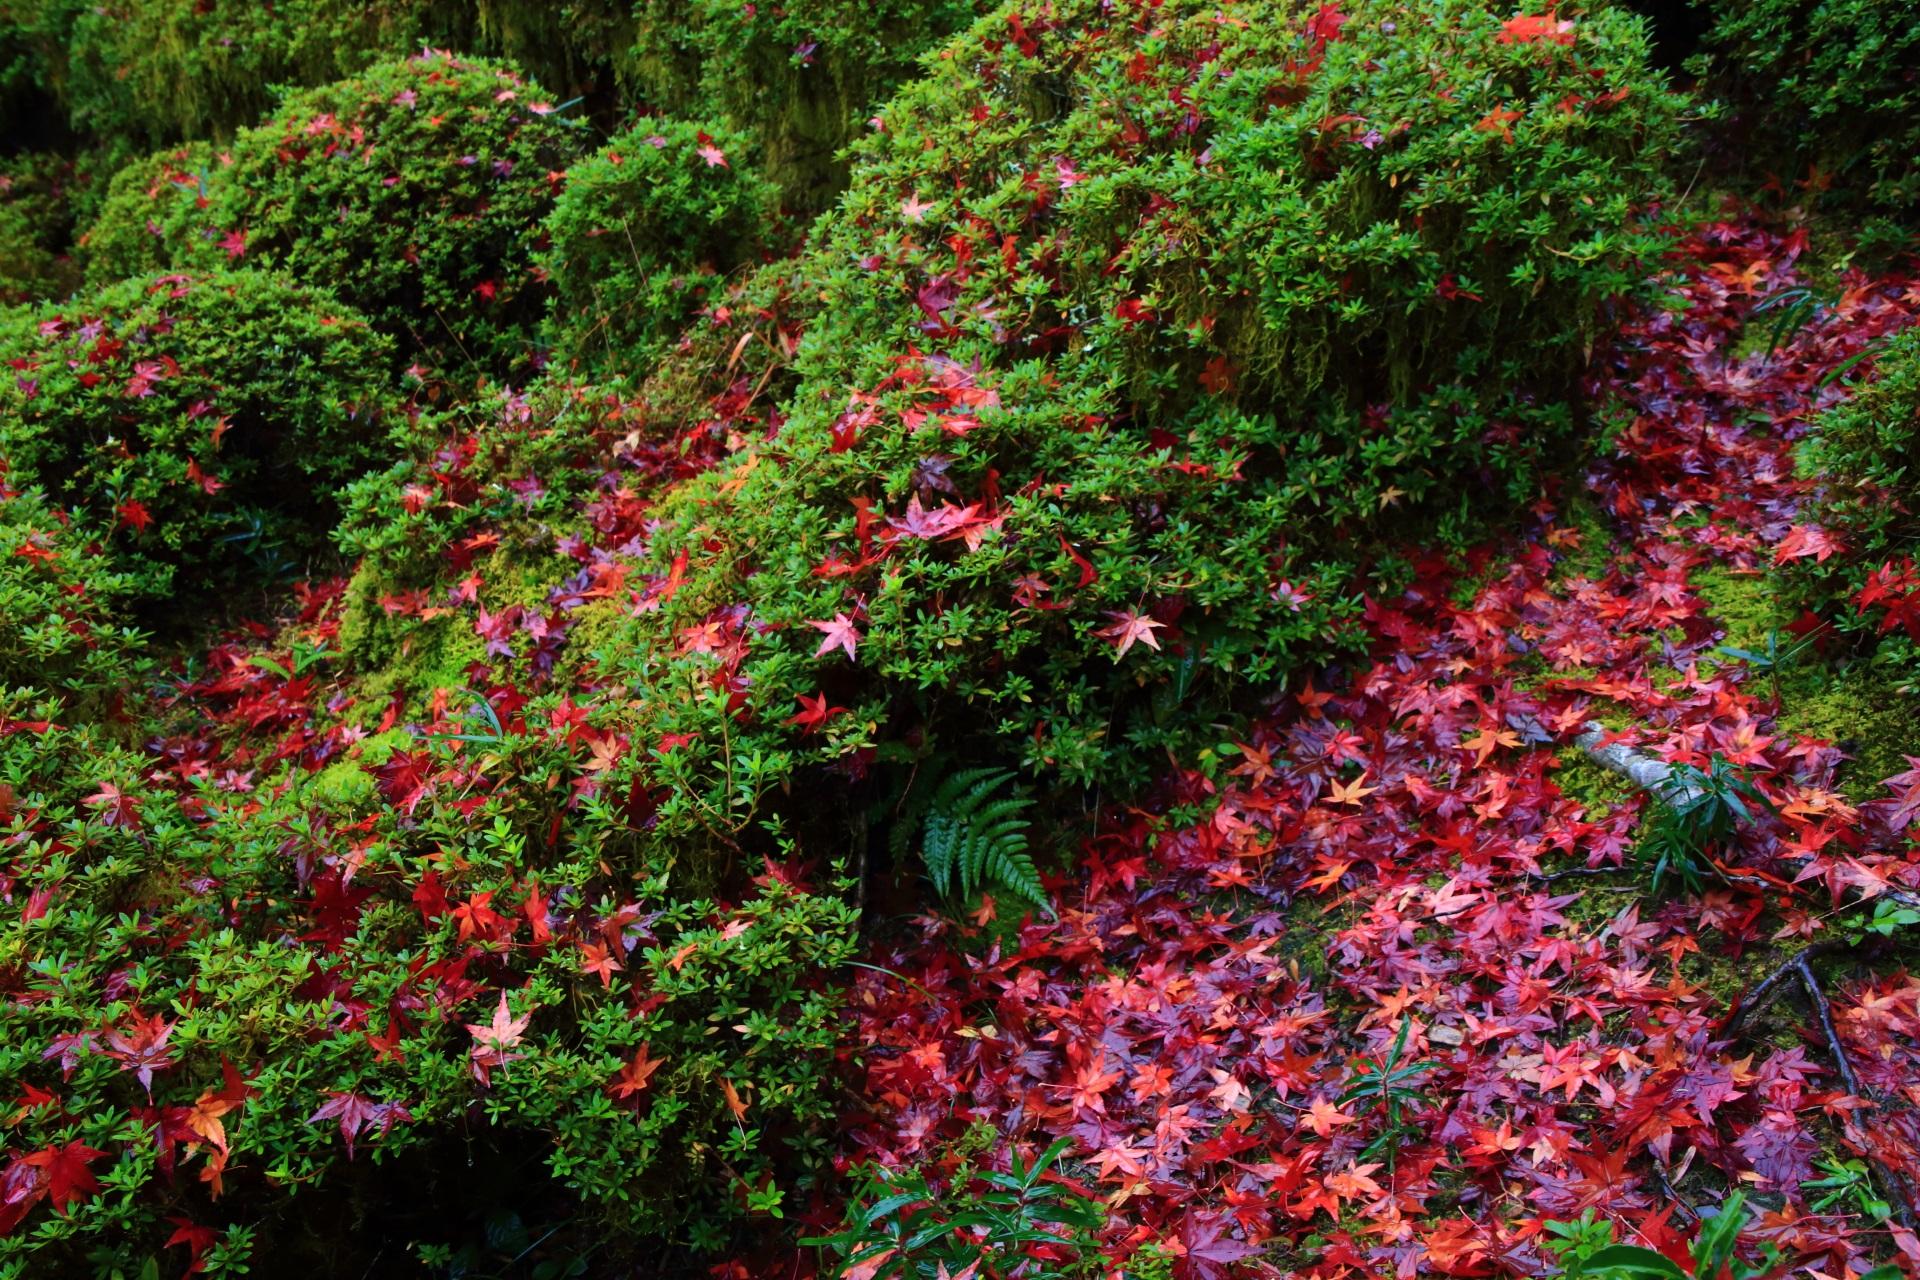 緑のサツキの刈り込みに散る赤いもみじ